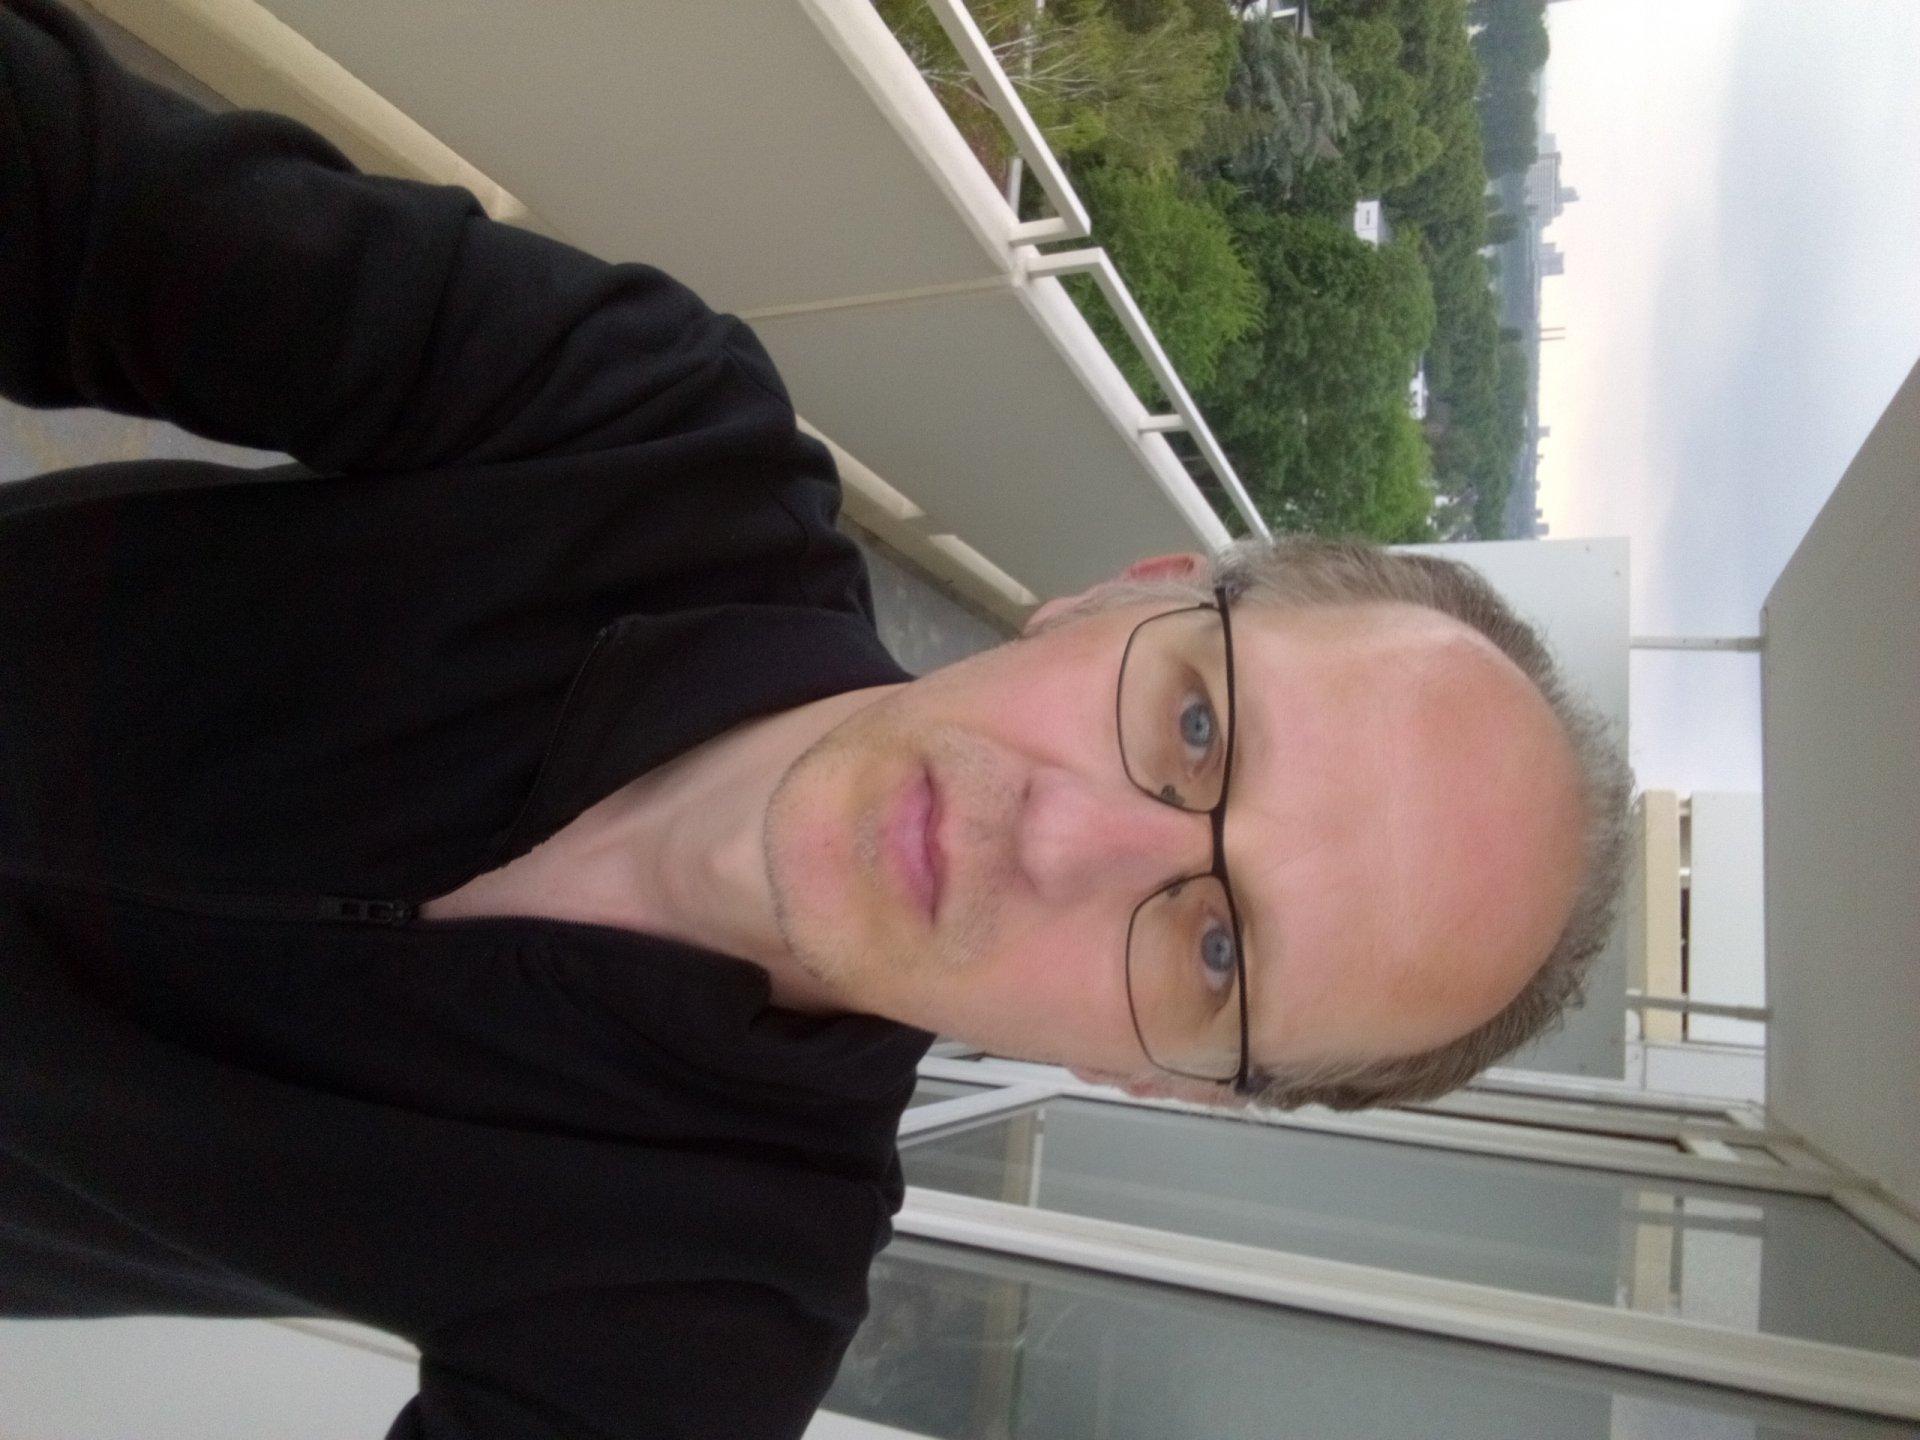 wills70 aus Nordrhein-Westfalen,Deutschland